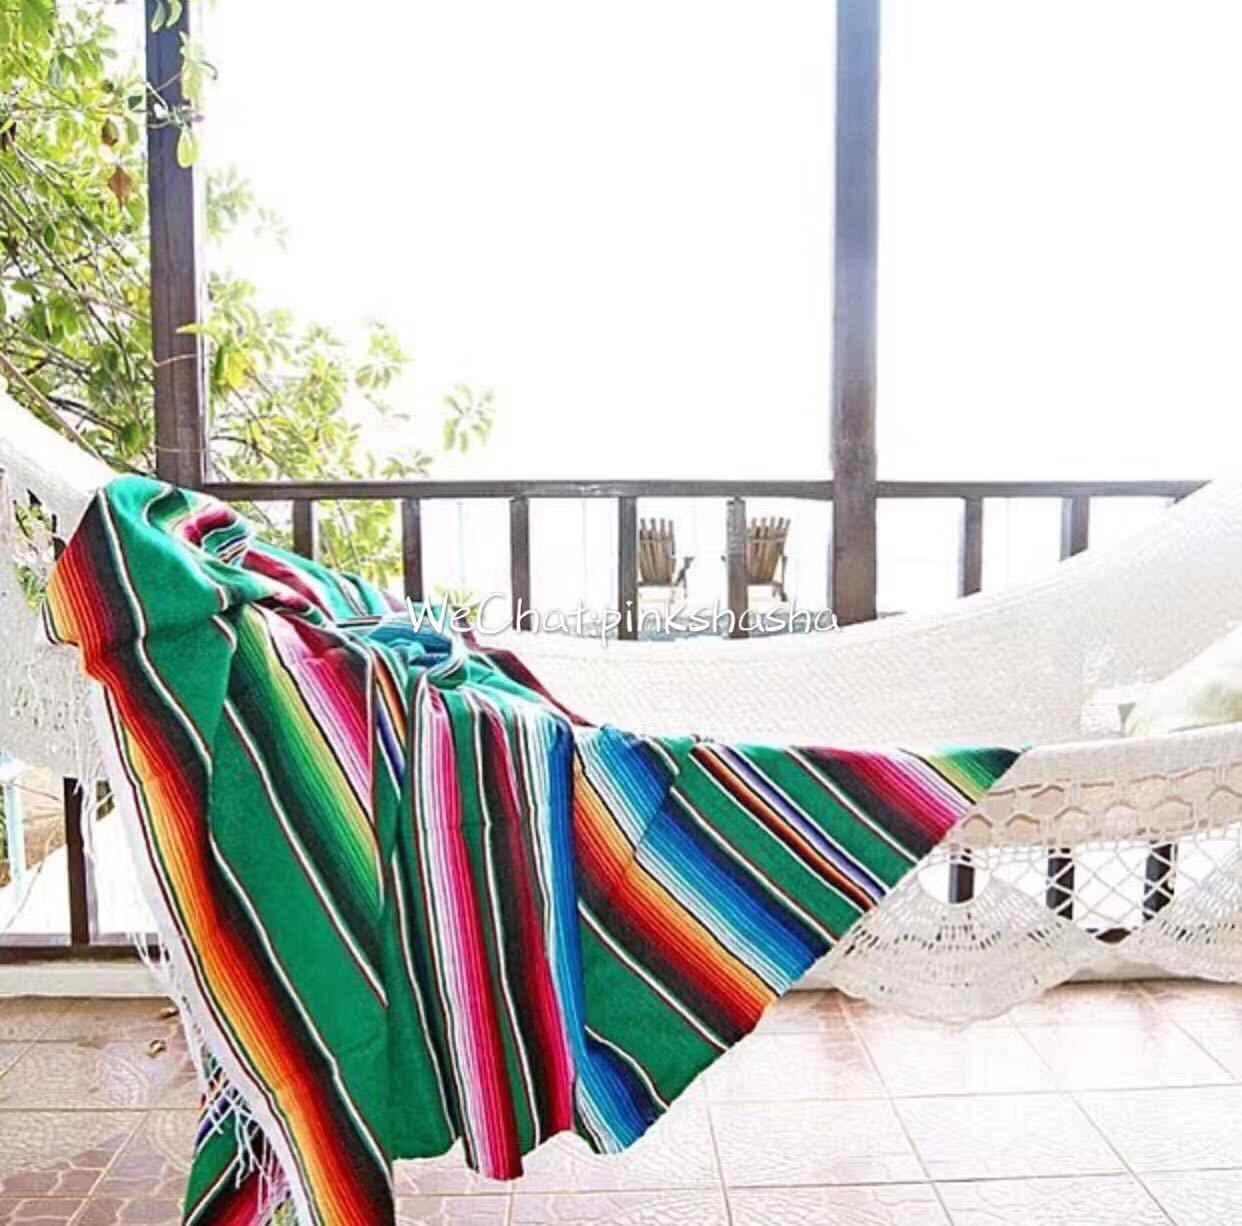 멕시코 스타일 Ranbow 스트라이프 담요 순수 코튼 소파 Cobertor 매달려 태피스 트리 소파 침대 비행기 여행 술